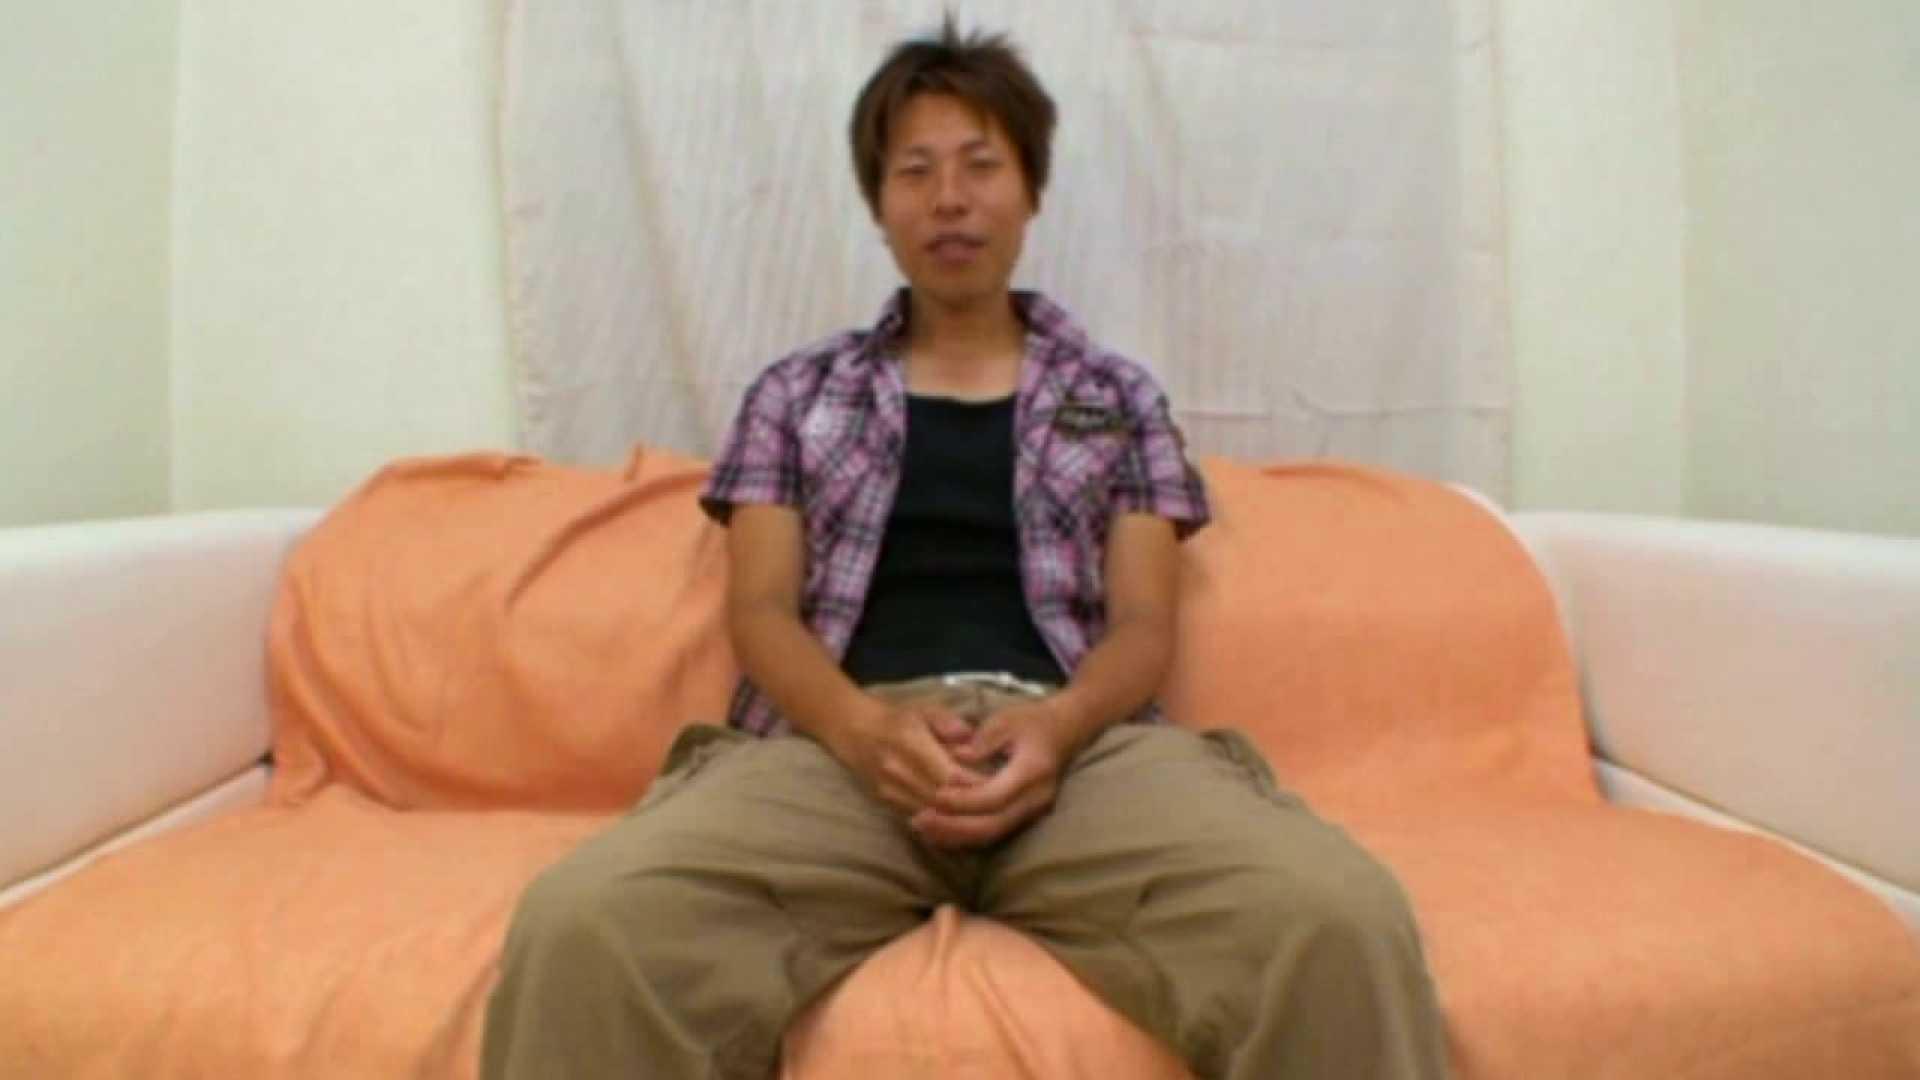 ノンケ!自慰スタジオ No.10 ノンケ天国 ゲイアダルト画像 83pic 44